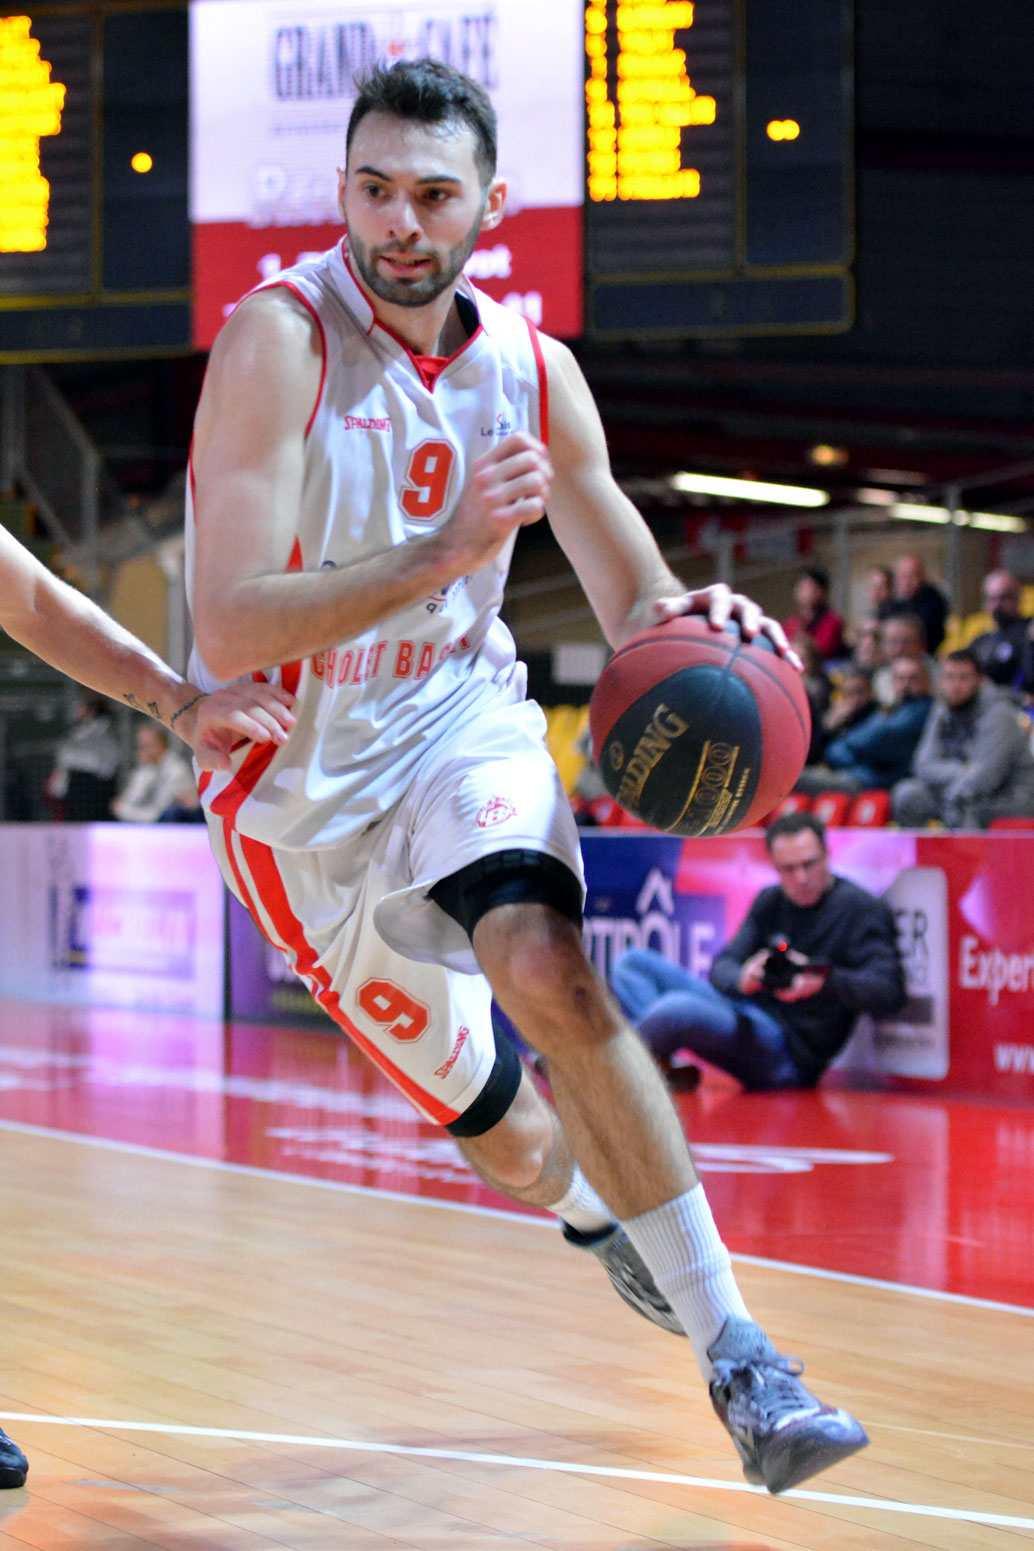 Johan Clet